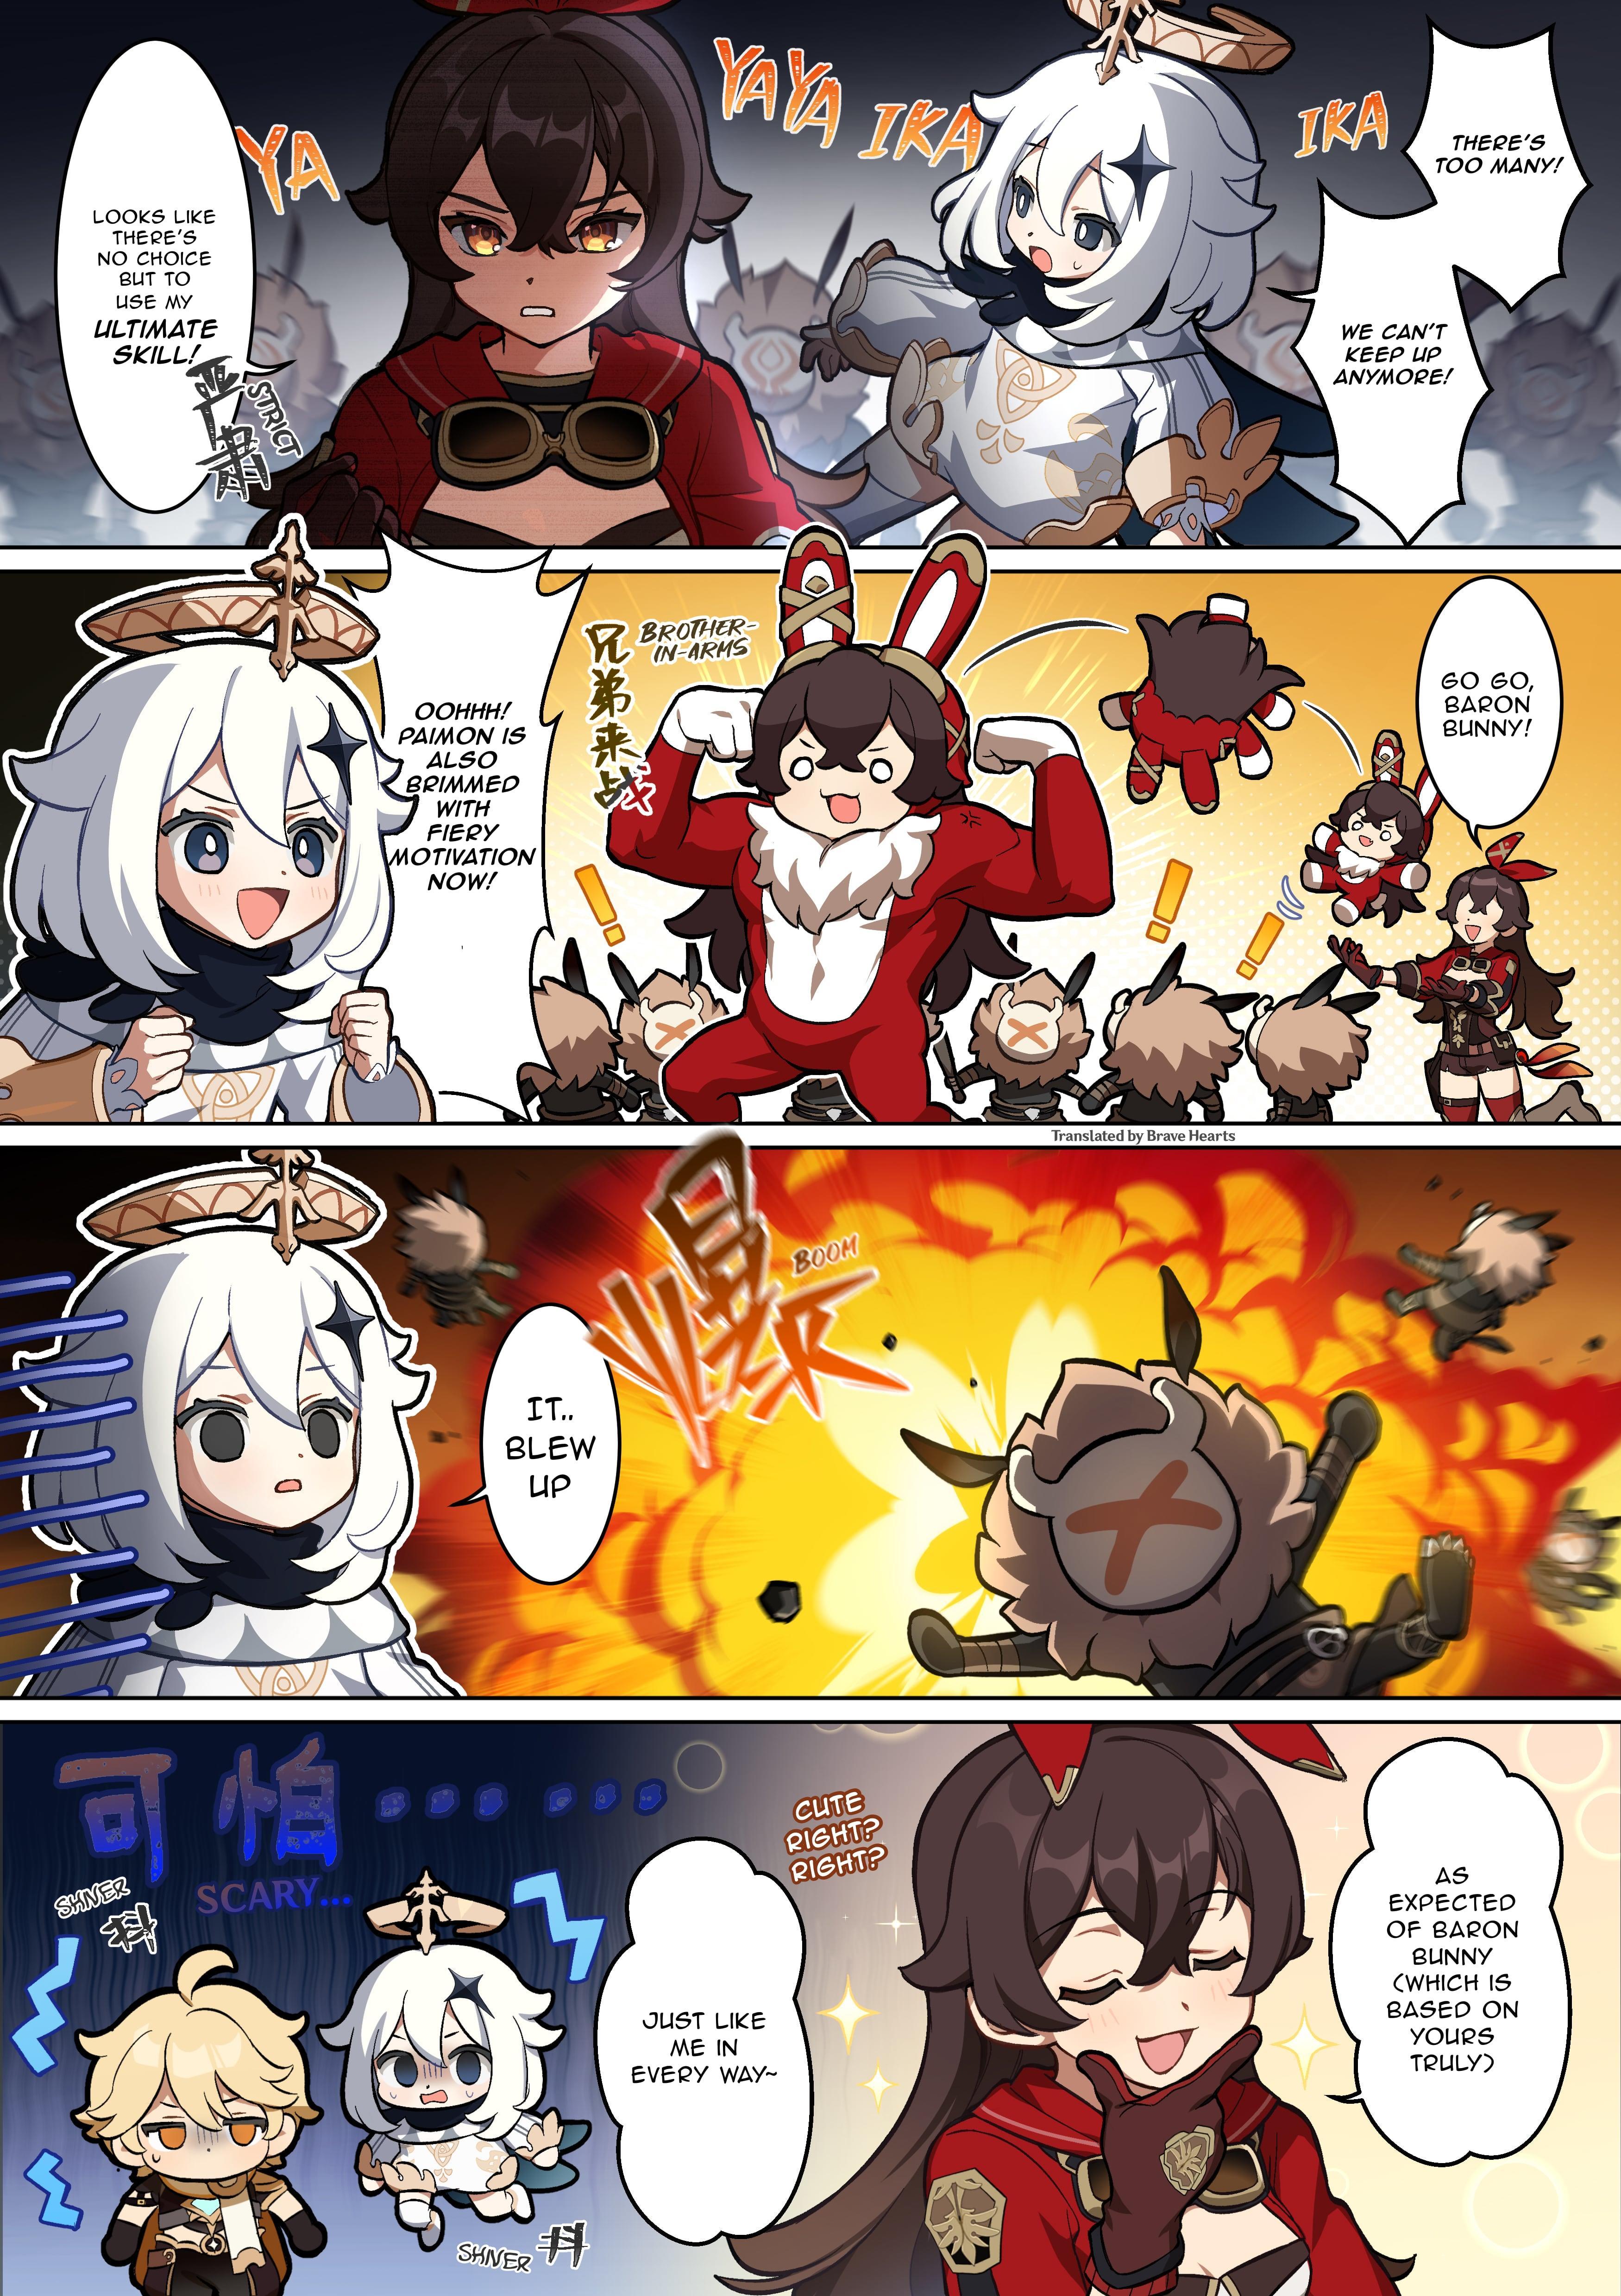 Genshin Impact 4-Koma Chapter 13: Amber And Her Baron Bunny page 1 - Mangakakalots.com